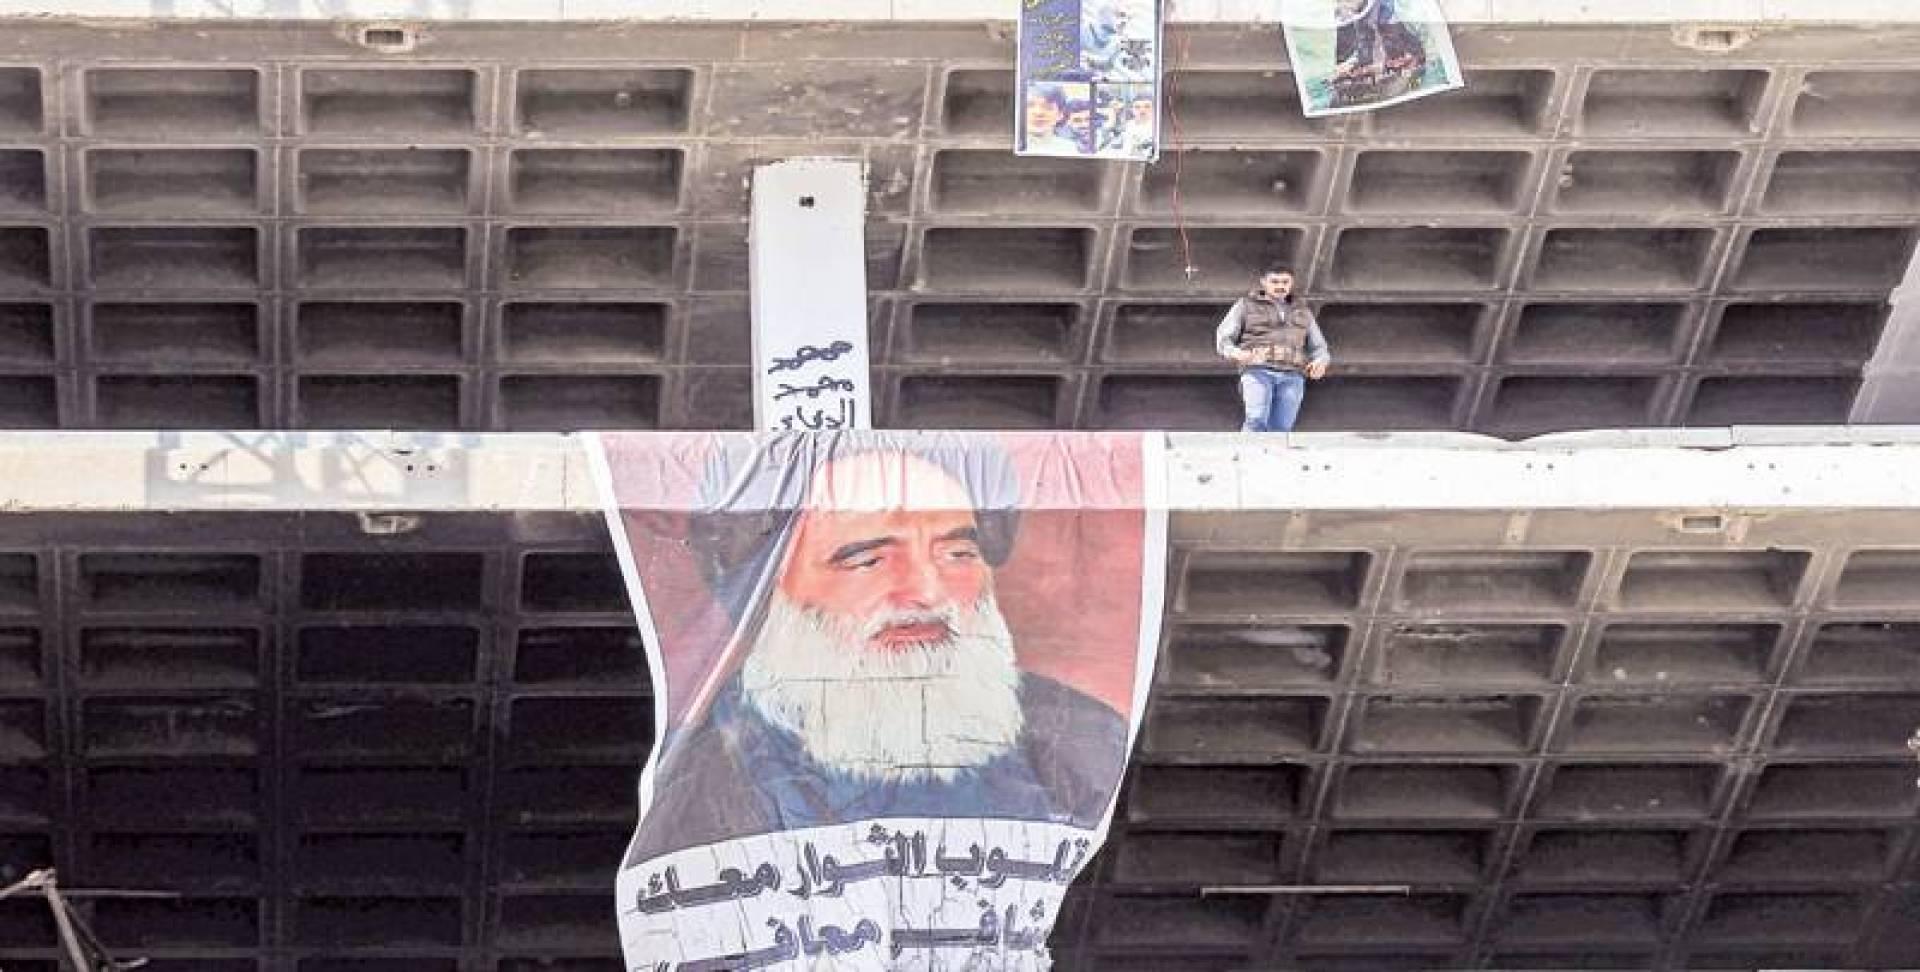 ملصق للسيستاني على مبنى يطل على تظاهرة مناهضة للحكومة في ميدان التحرير وسط بغداد أمس | رويترز